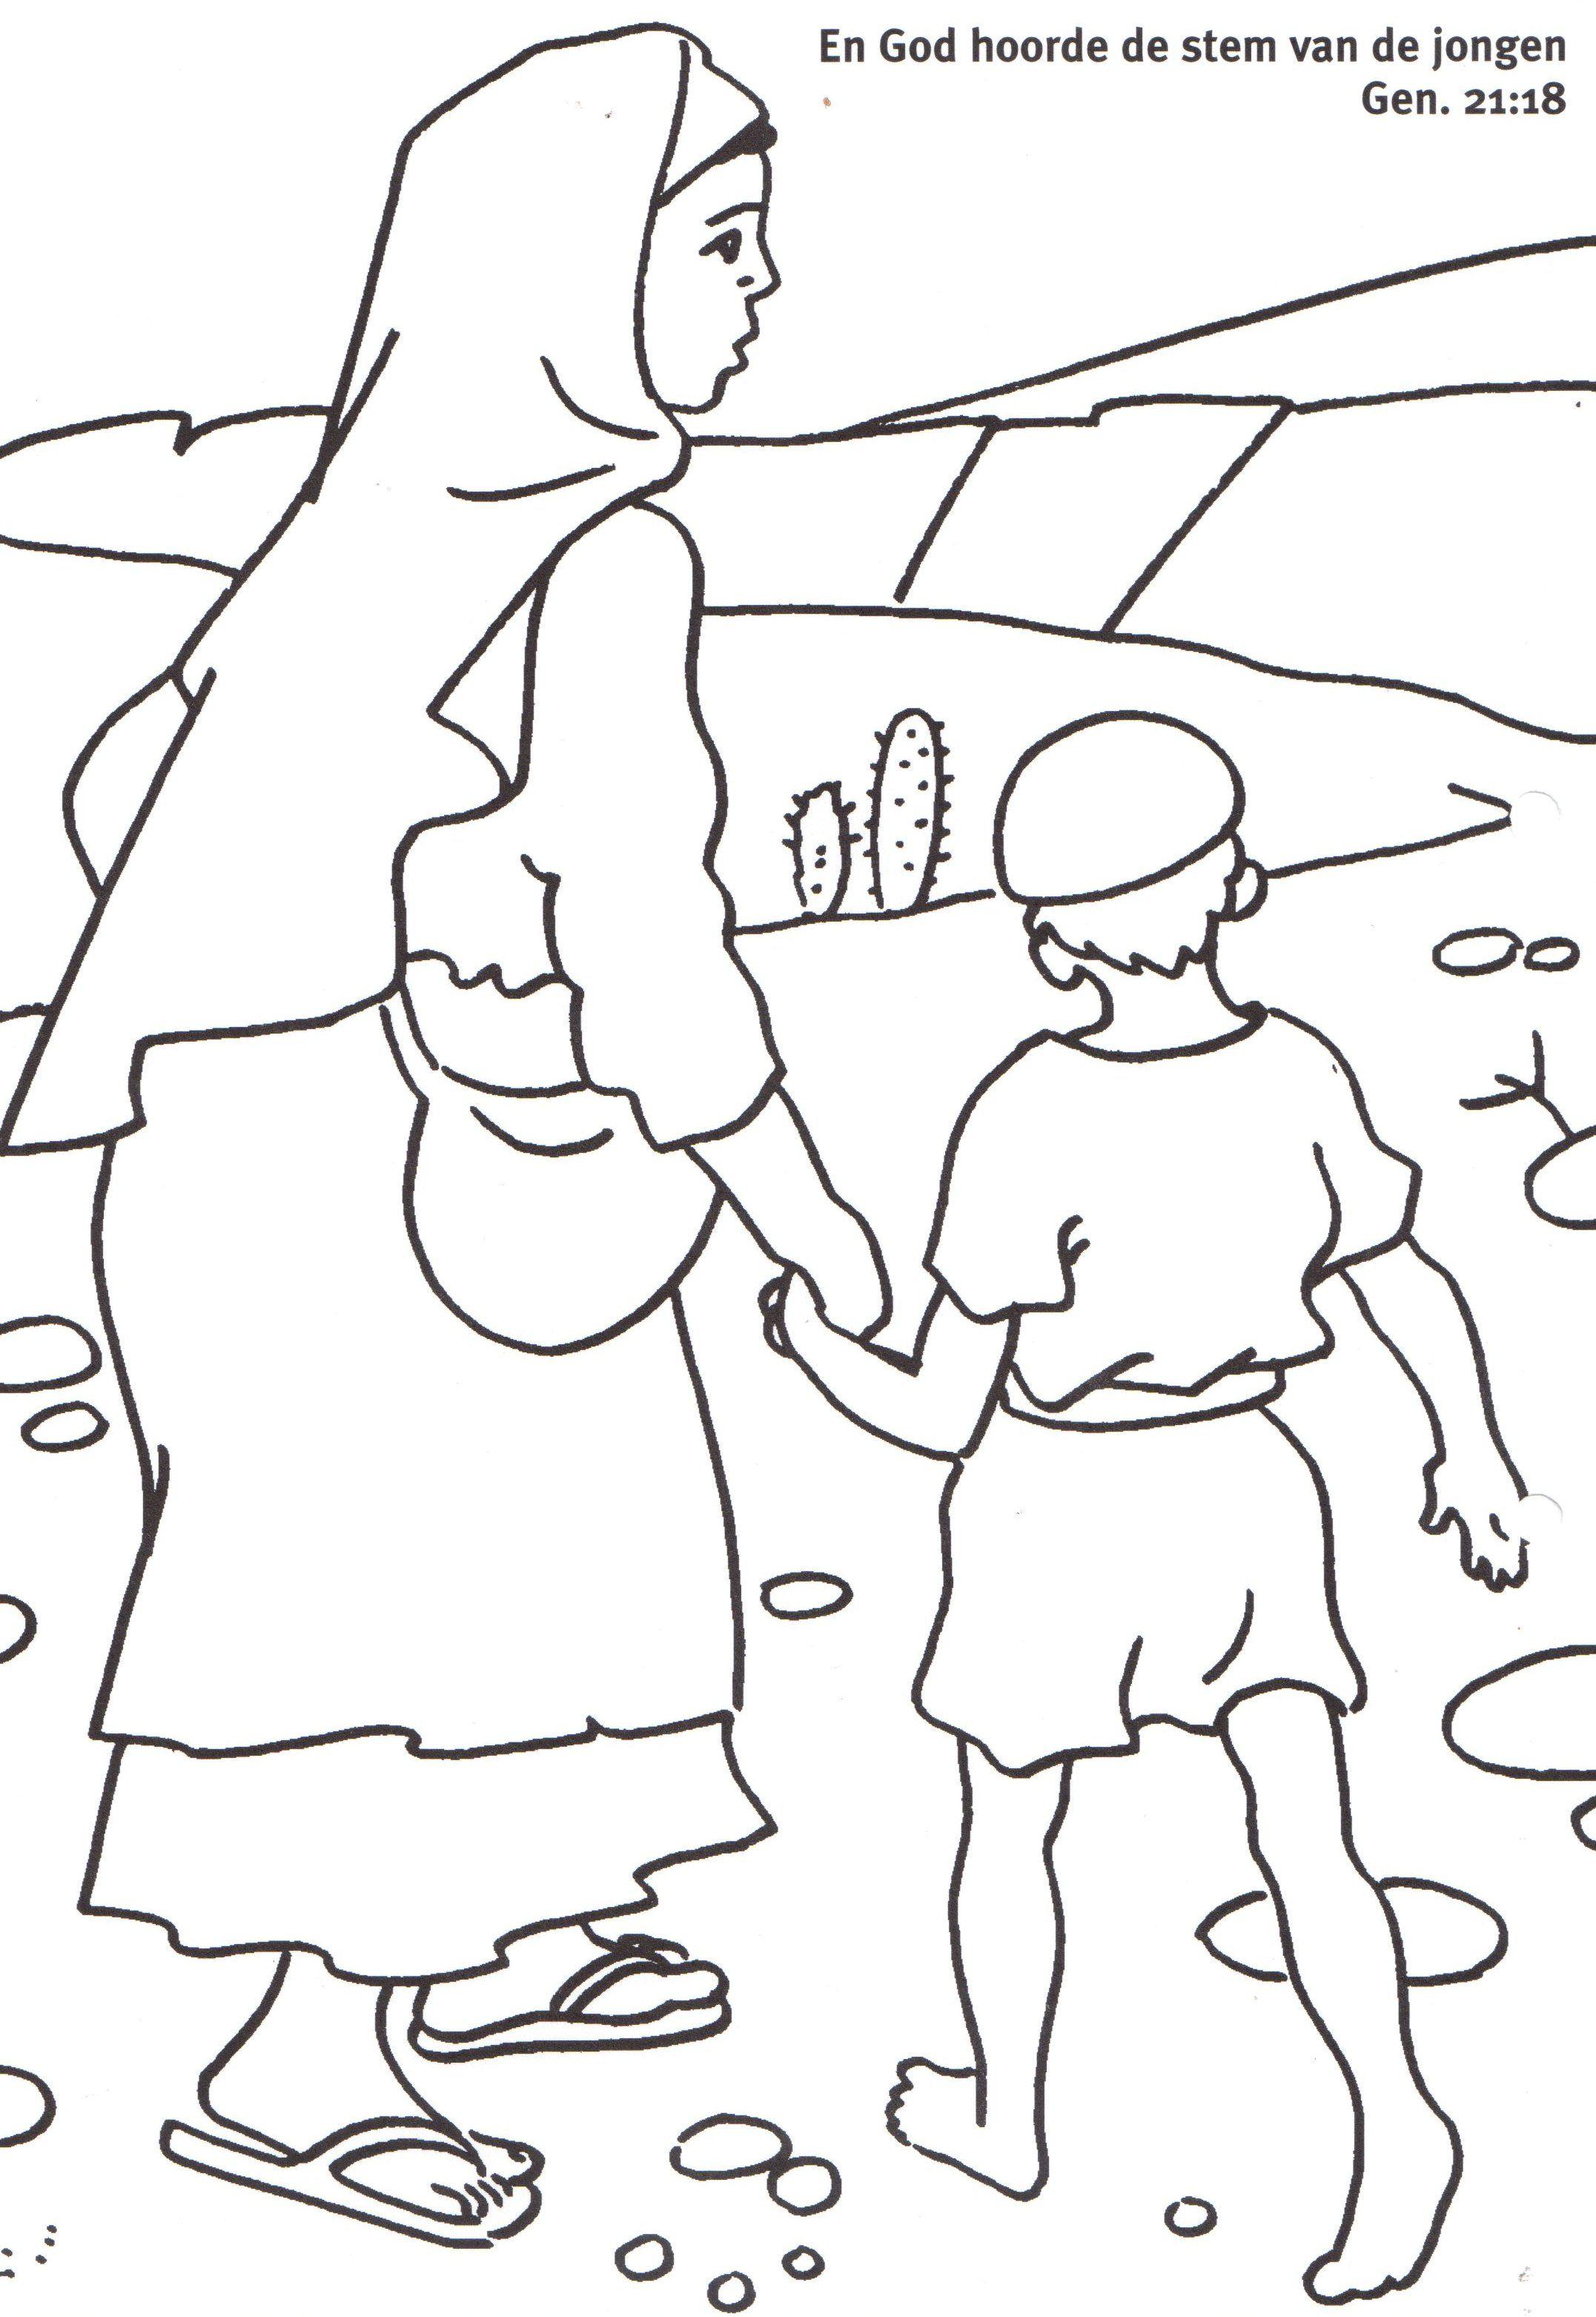 Inspirador Imagenes Para Colorear Historias De La Biblia | Colore Ar ...